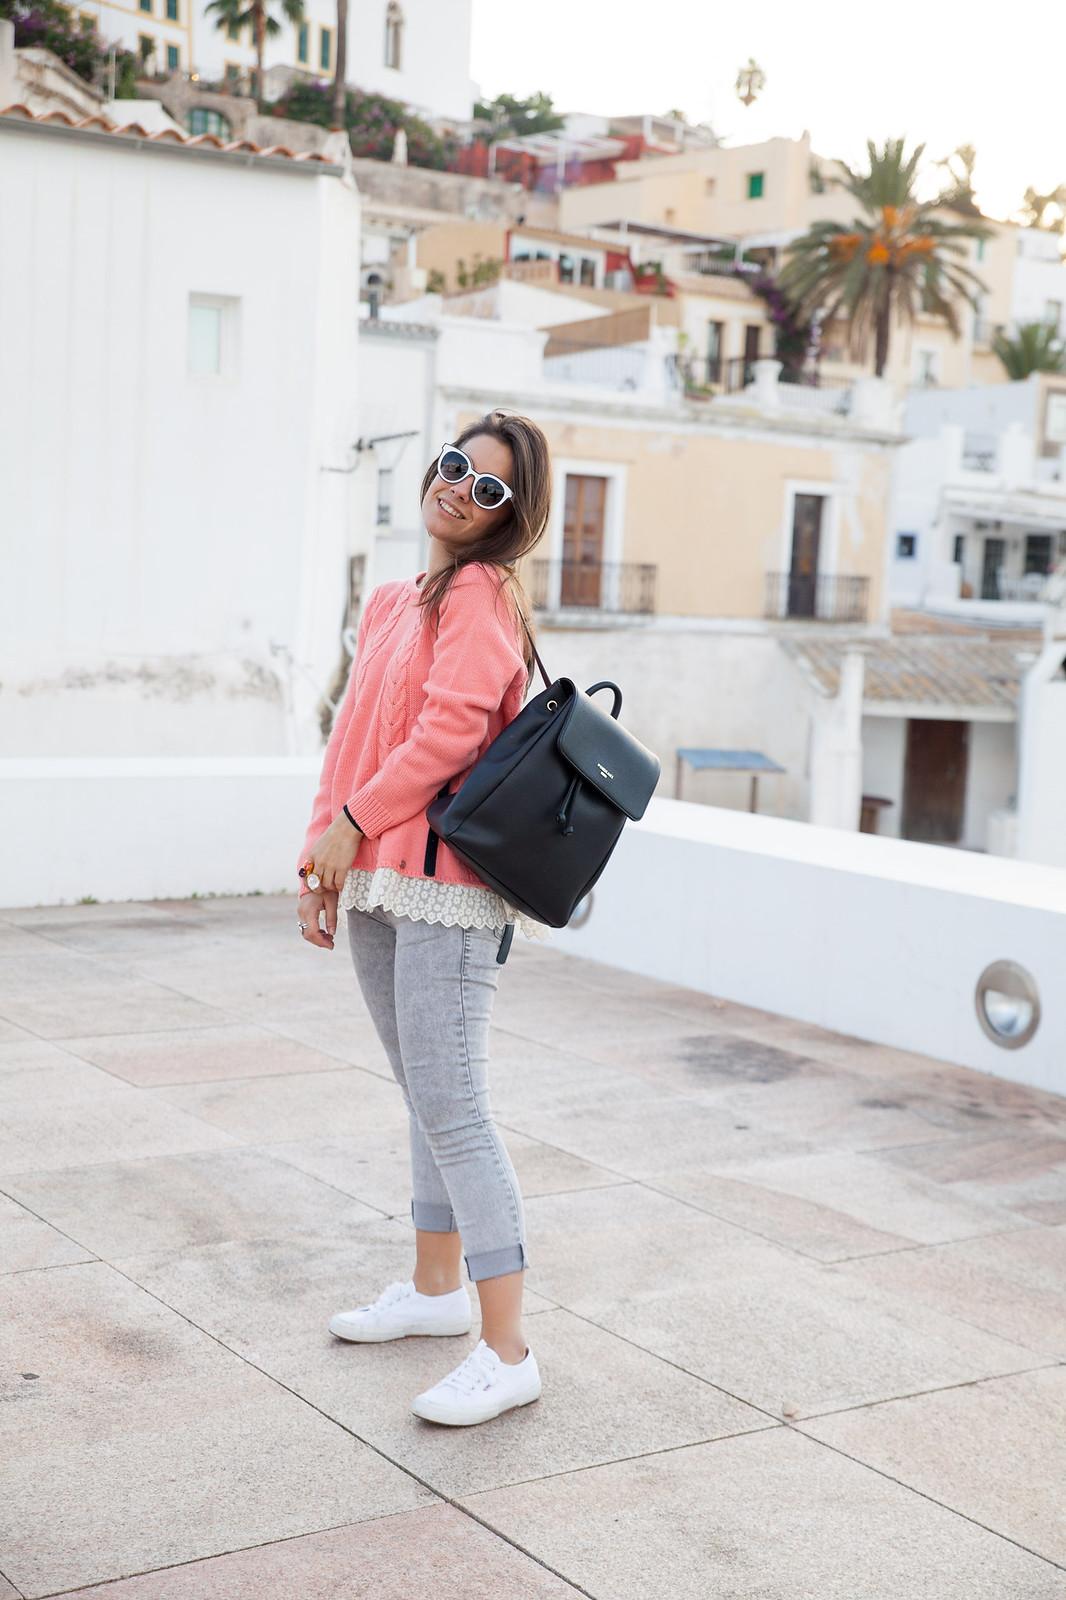 como combinar jersey de punto rosa theguestgirl influencer ibiza spain barcelona the guest girl brand ambassador content creator ibiza spain barcelona portugal rüga